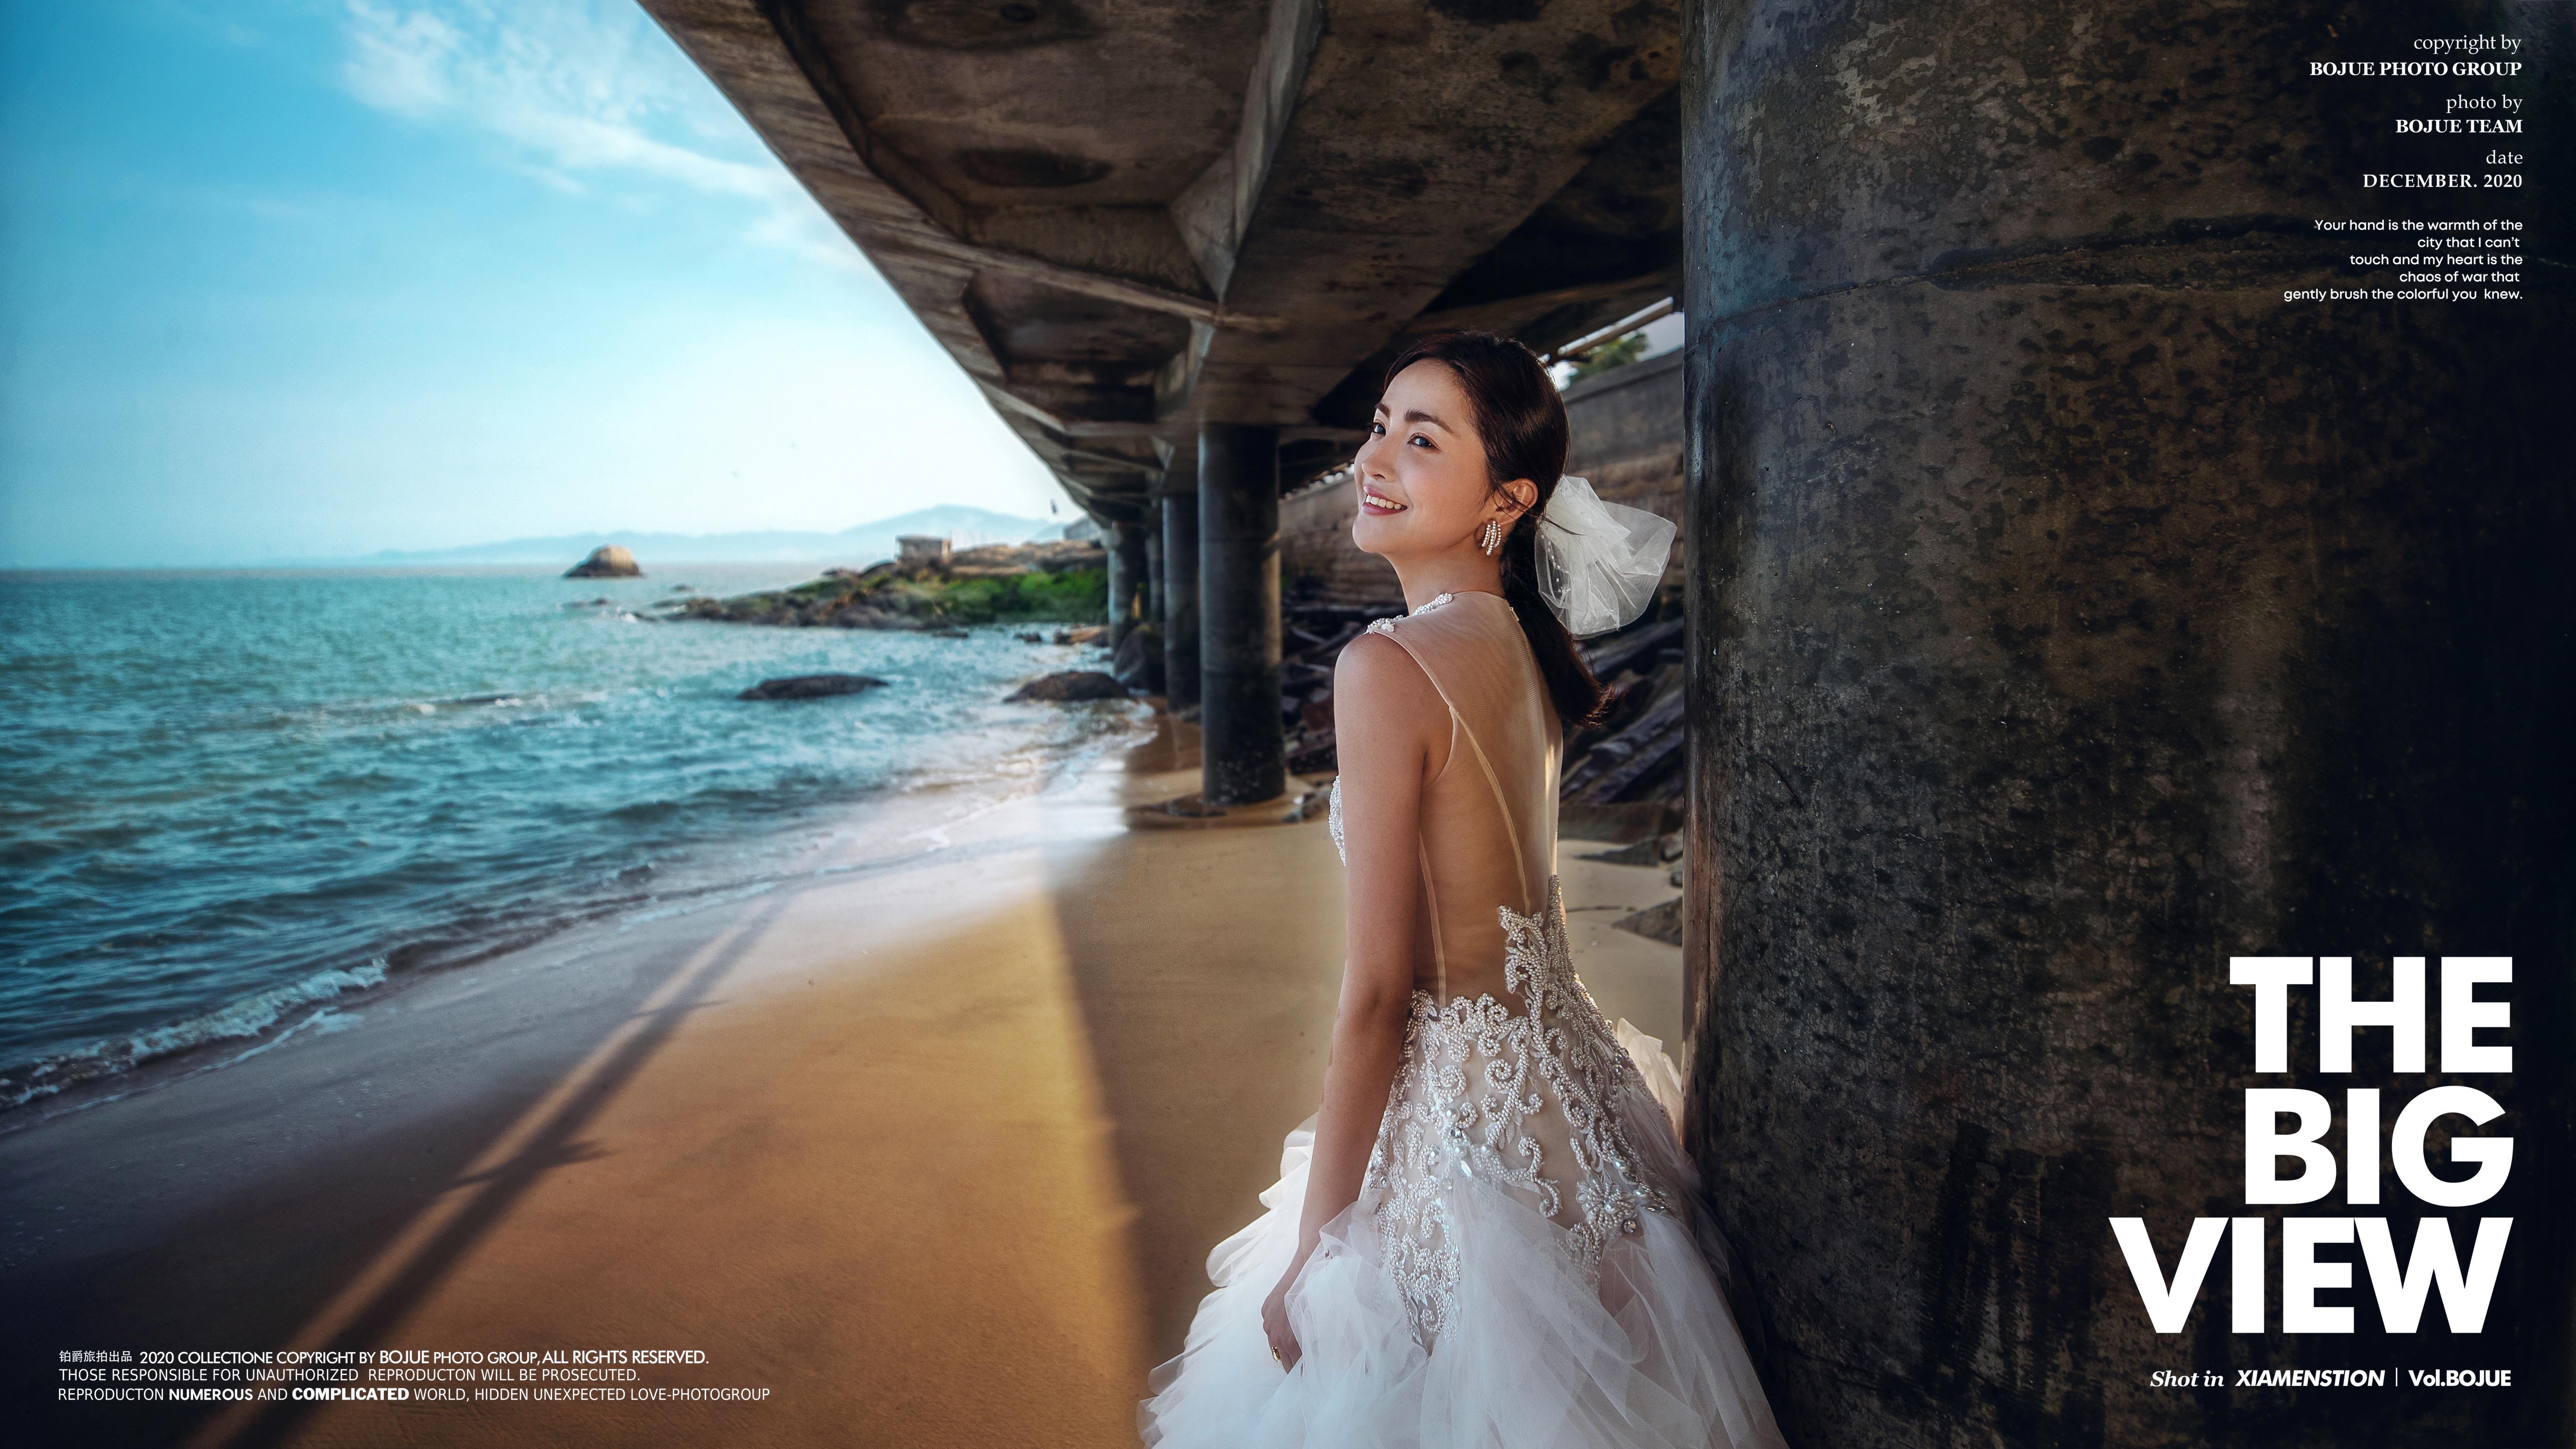 厦门高端旅拍婚纱照贵吗?拍婚纱照怎么选择婚纱?